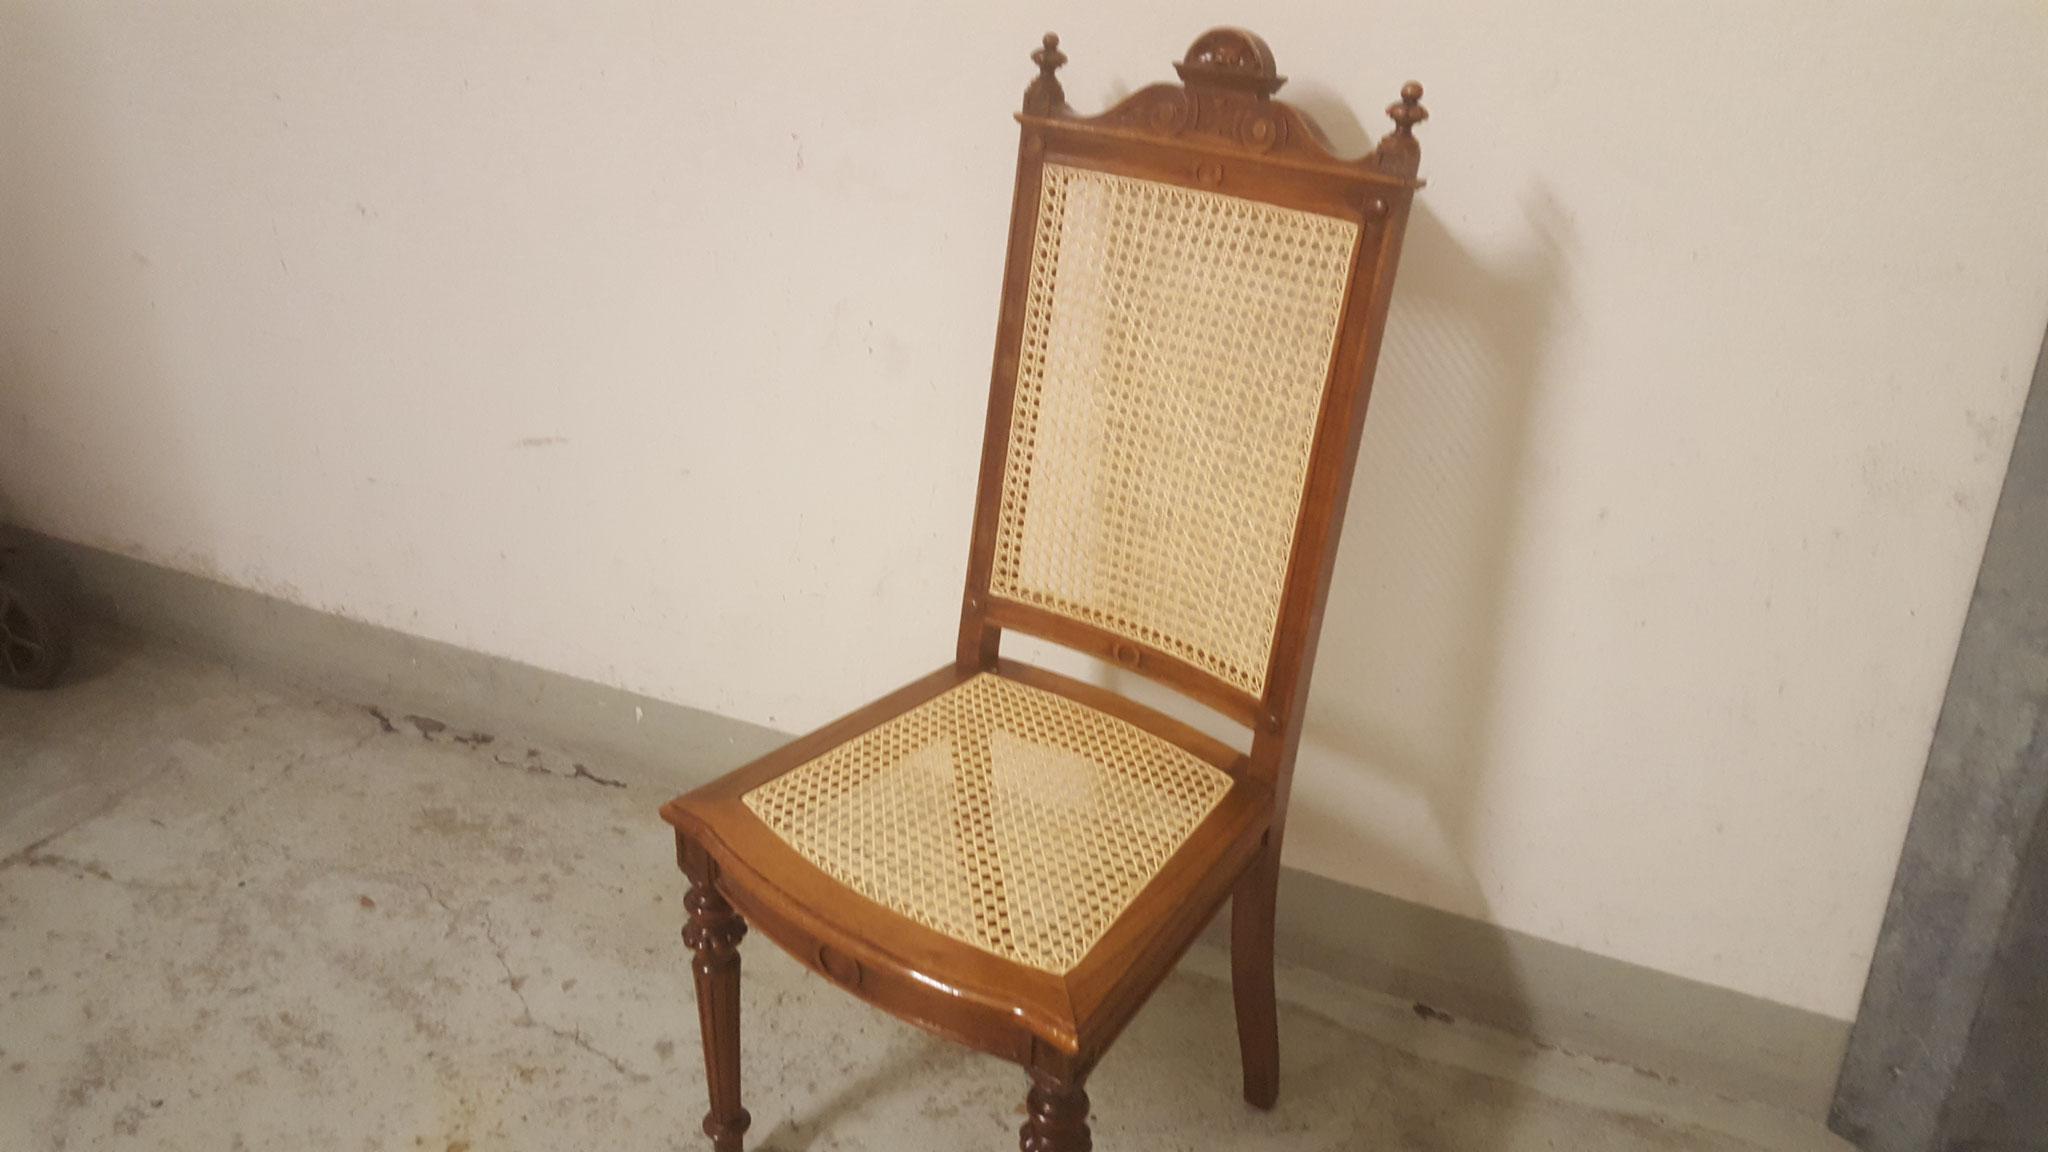 Der Stuhl in neuer Schönheit